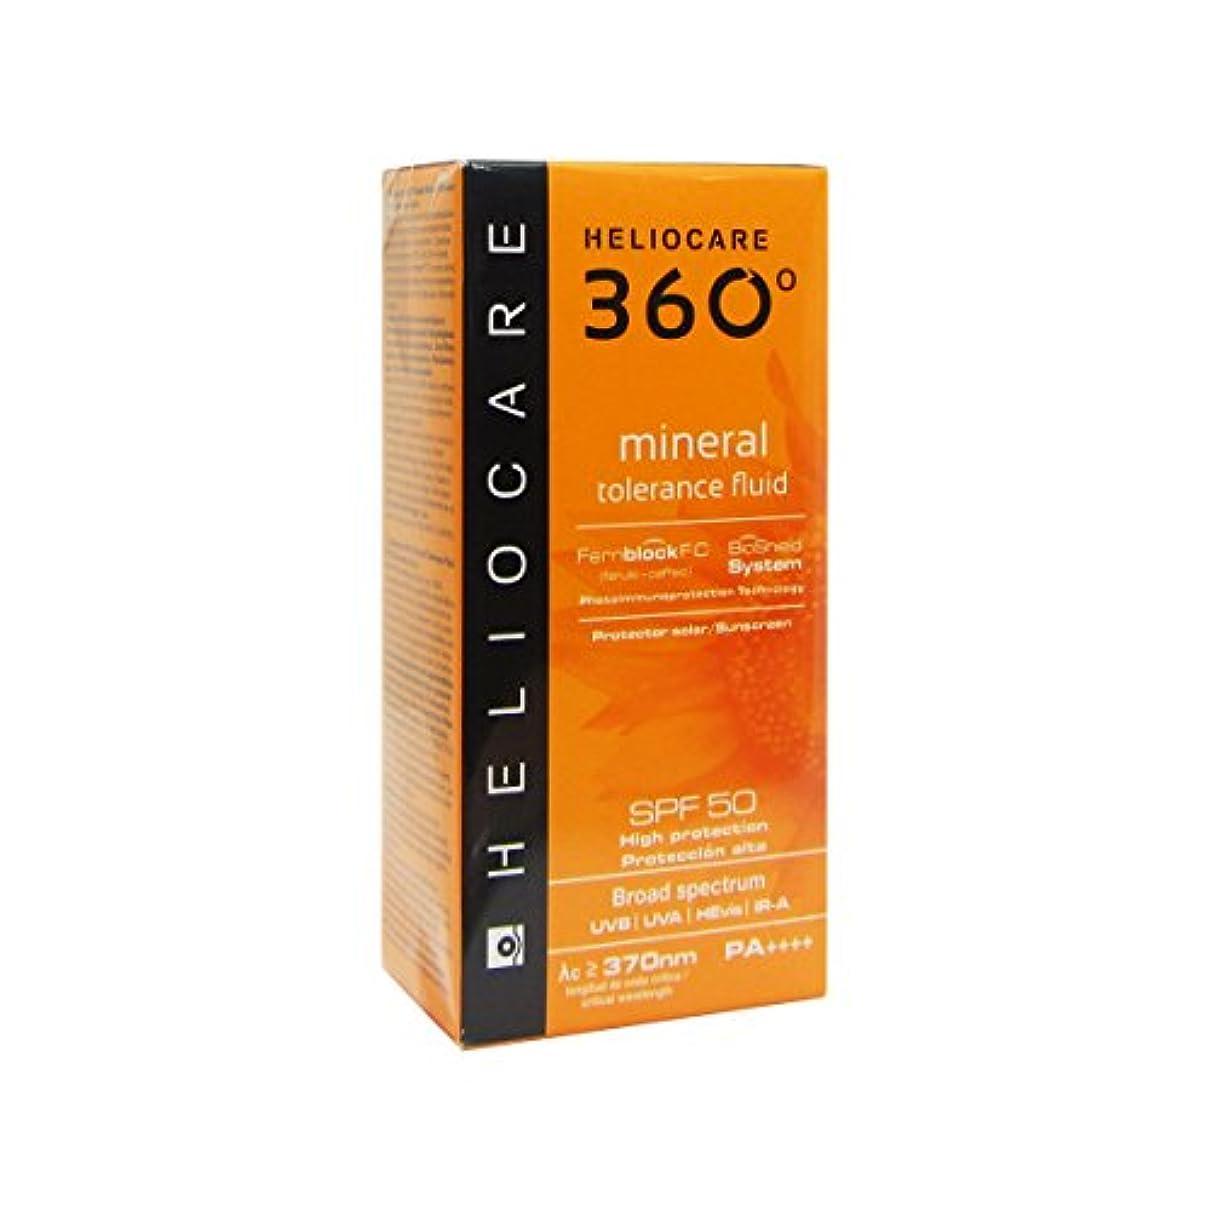 逆説サルベージ出撃者Heliocare 360 Mineral Tolerance Fluid Spf50 50ml [並行輸入品]